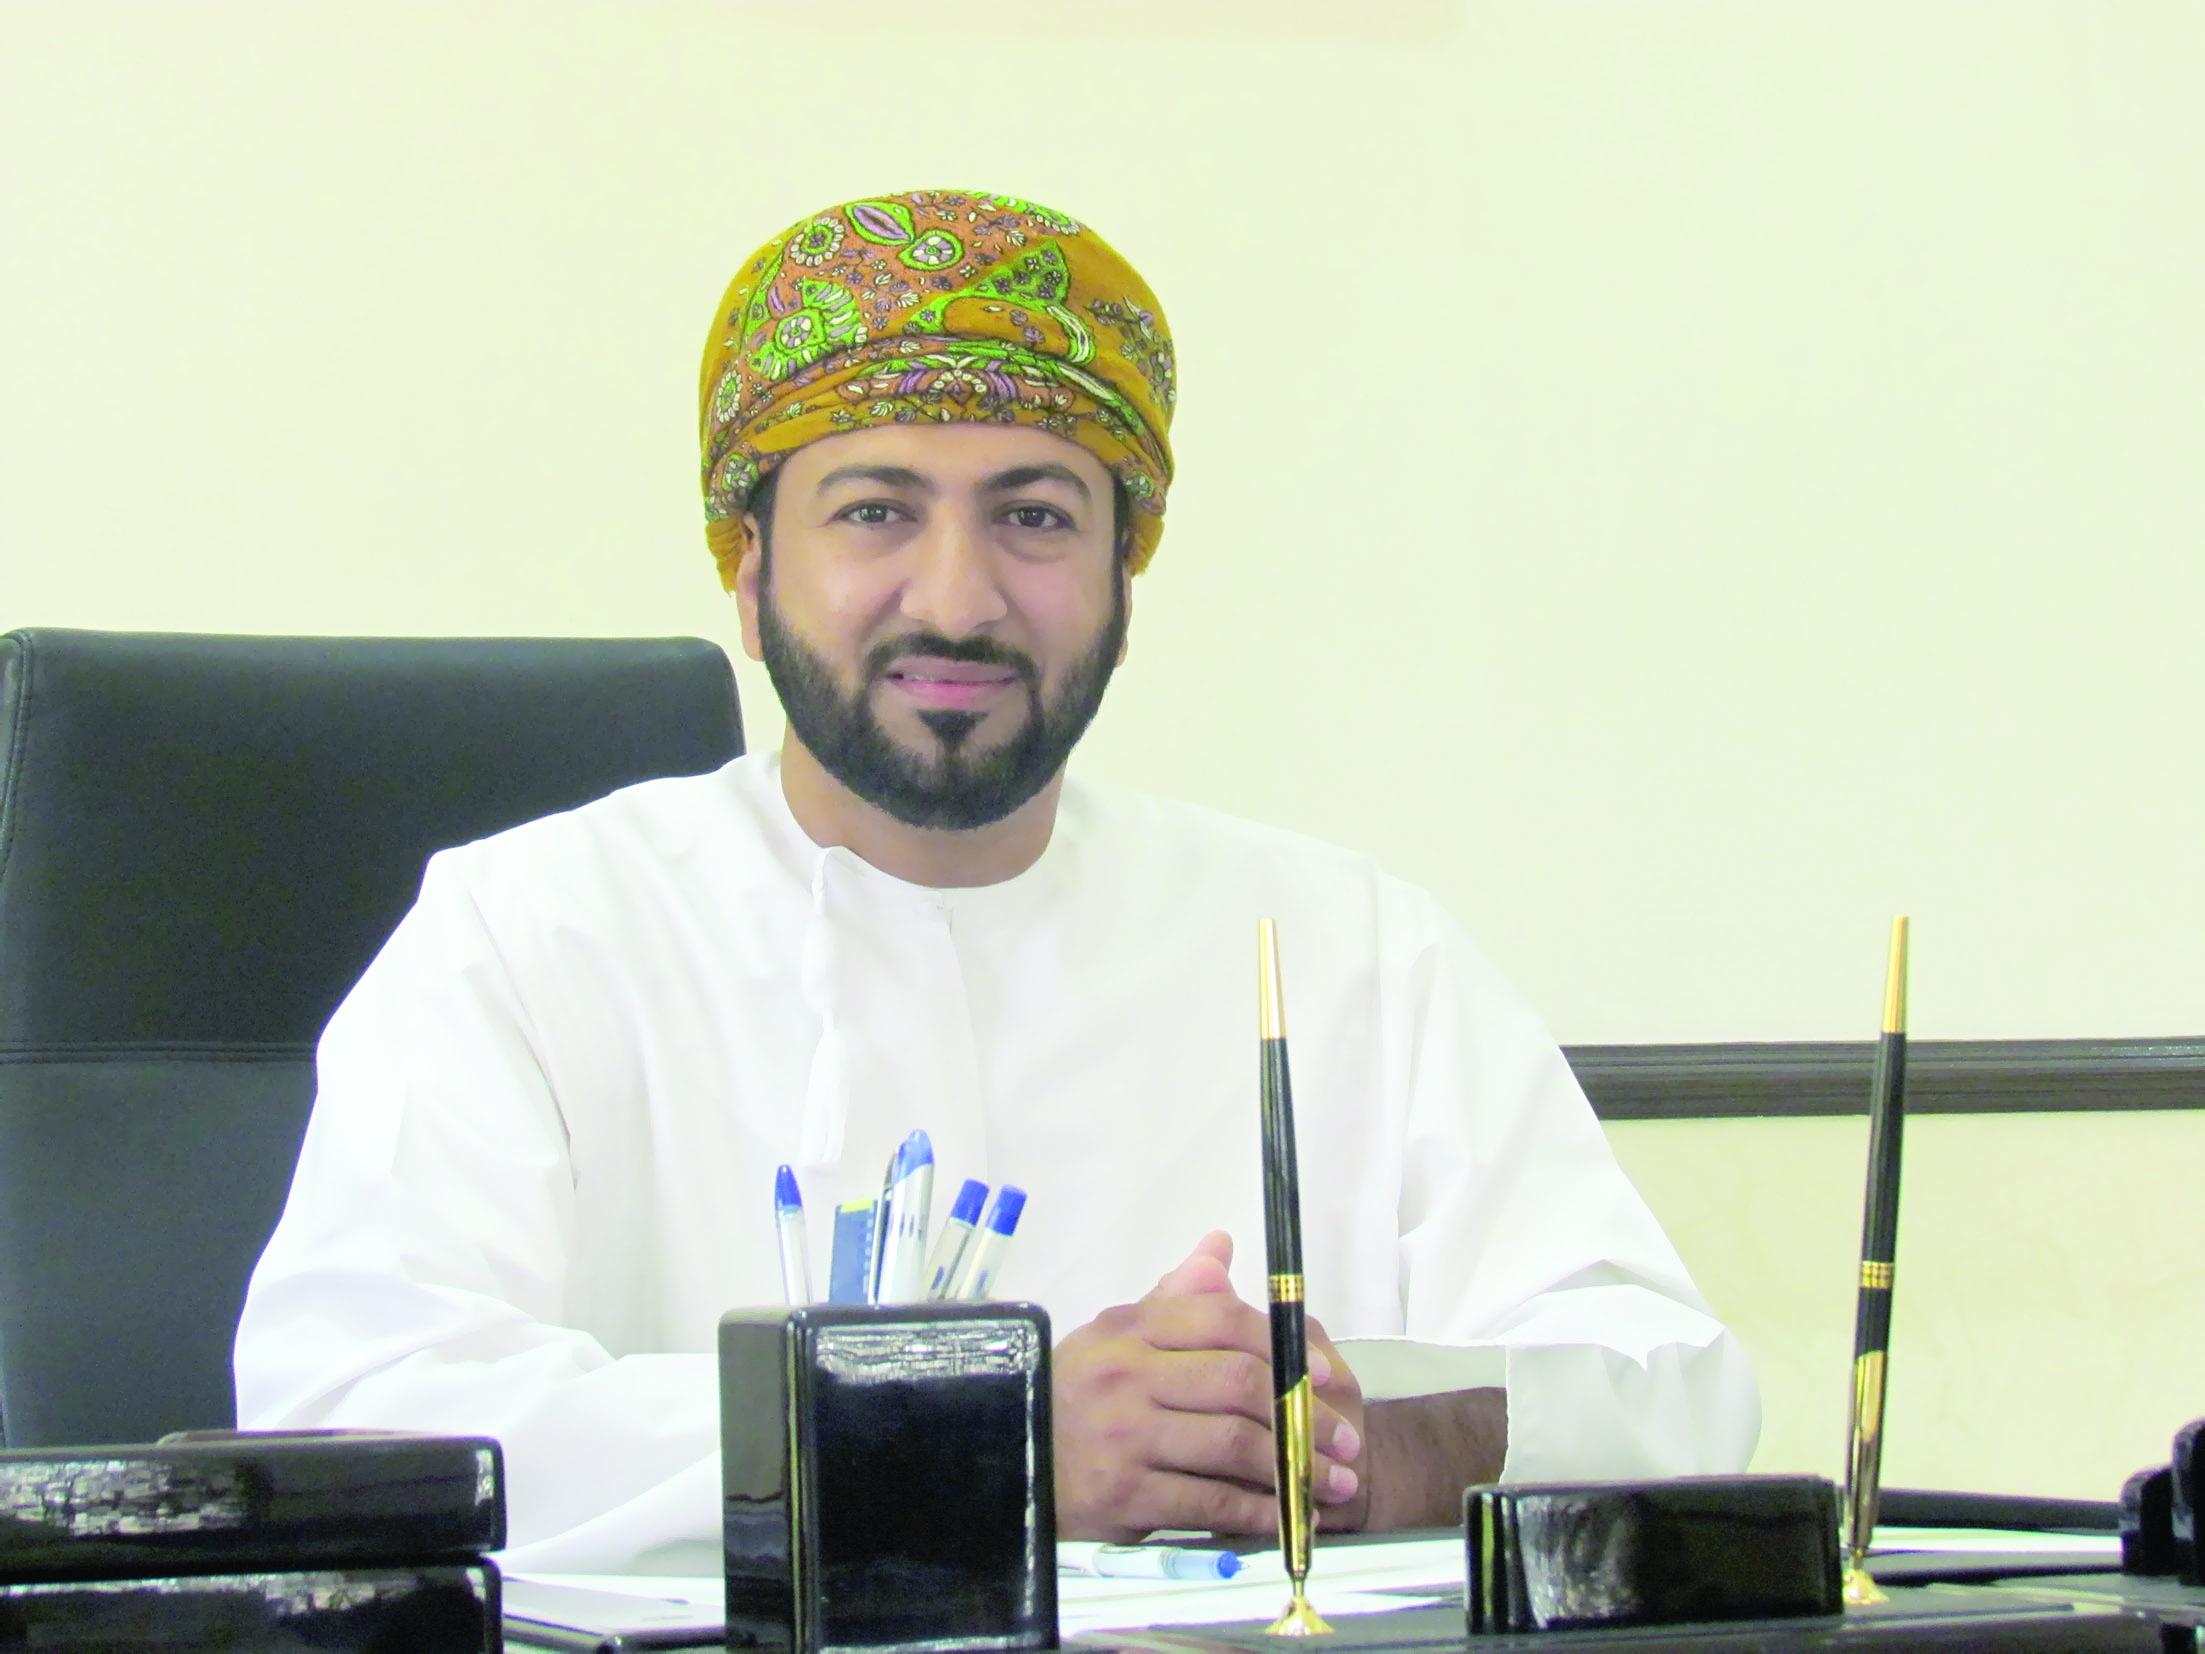 افتتاح منفذ للقوى العاملة بالمنطقة الحرة بالمزيونة